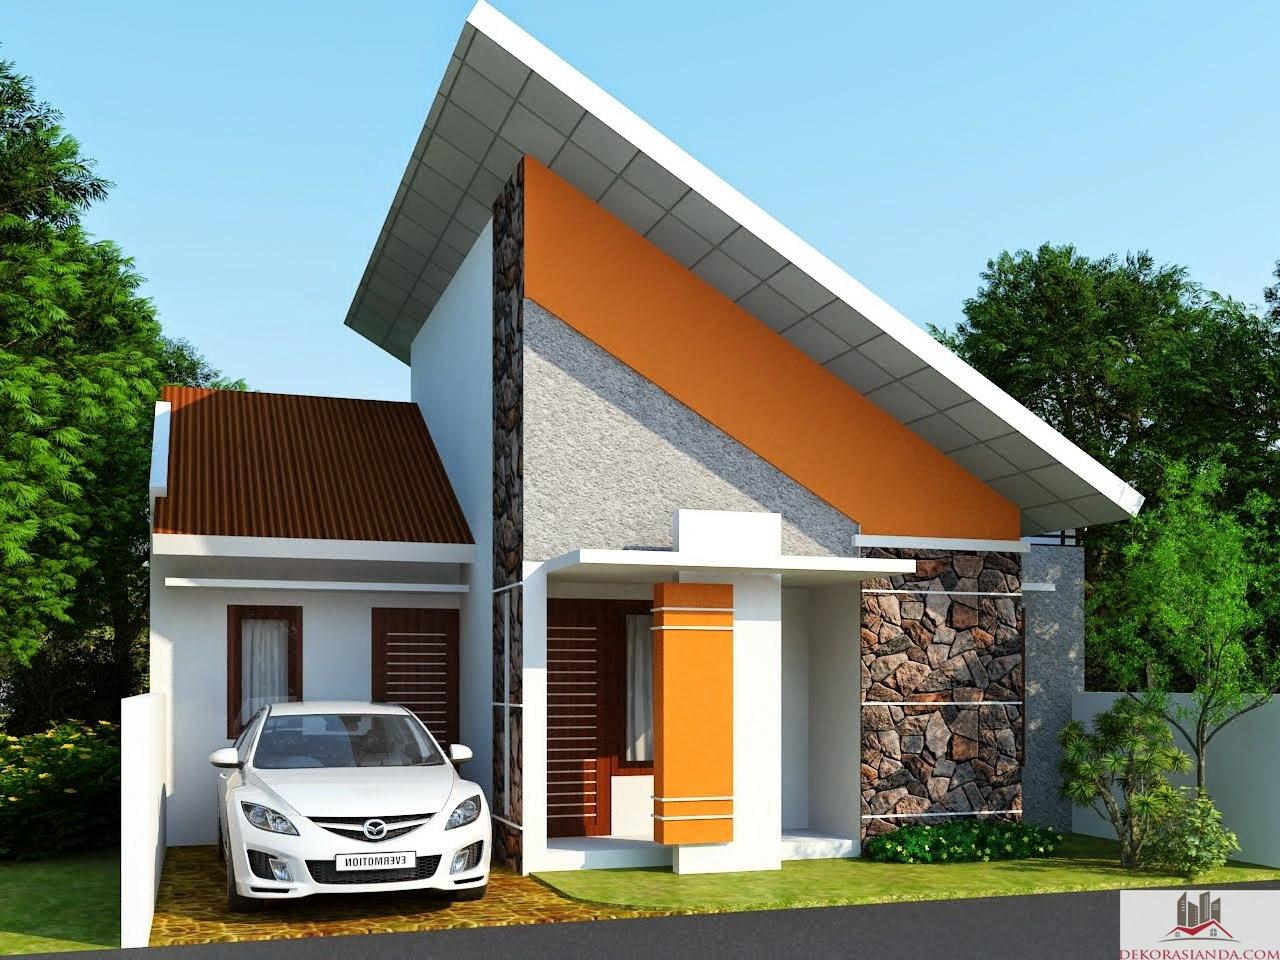 Model Rumah Minimalis Hasil Penelusuran Untuk Rumah Minimalis